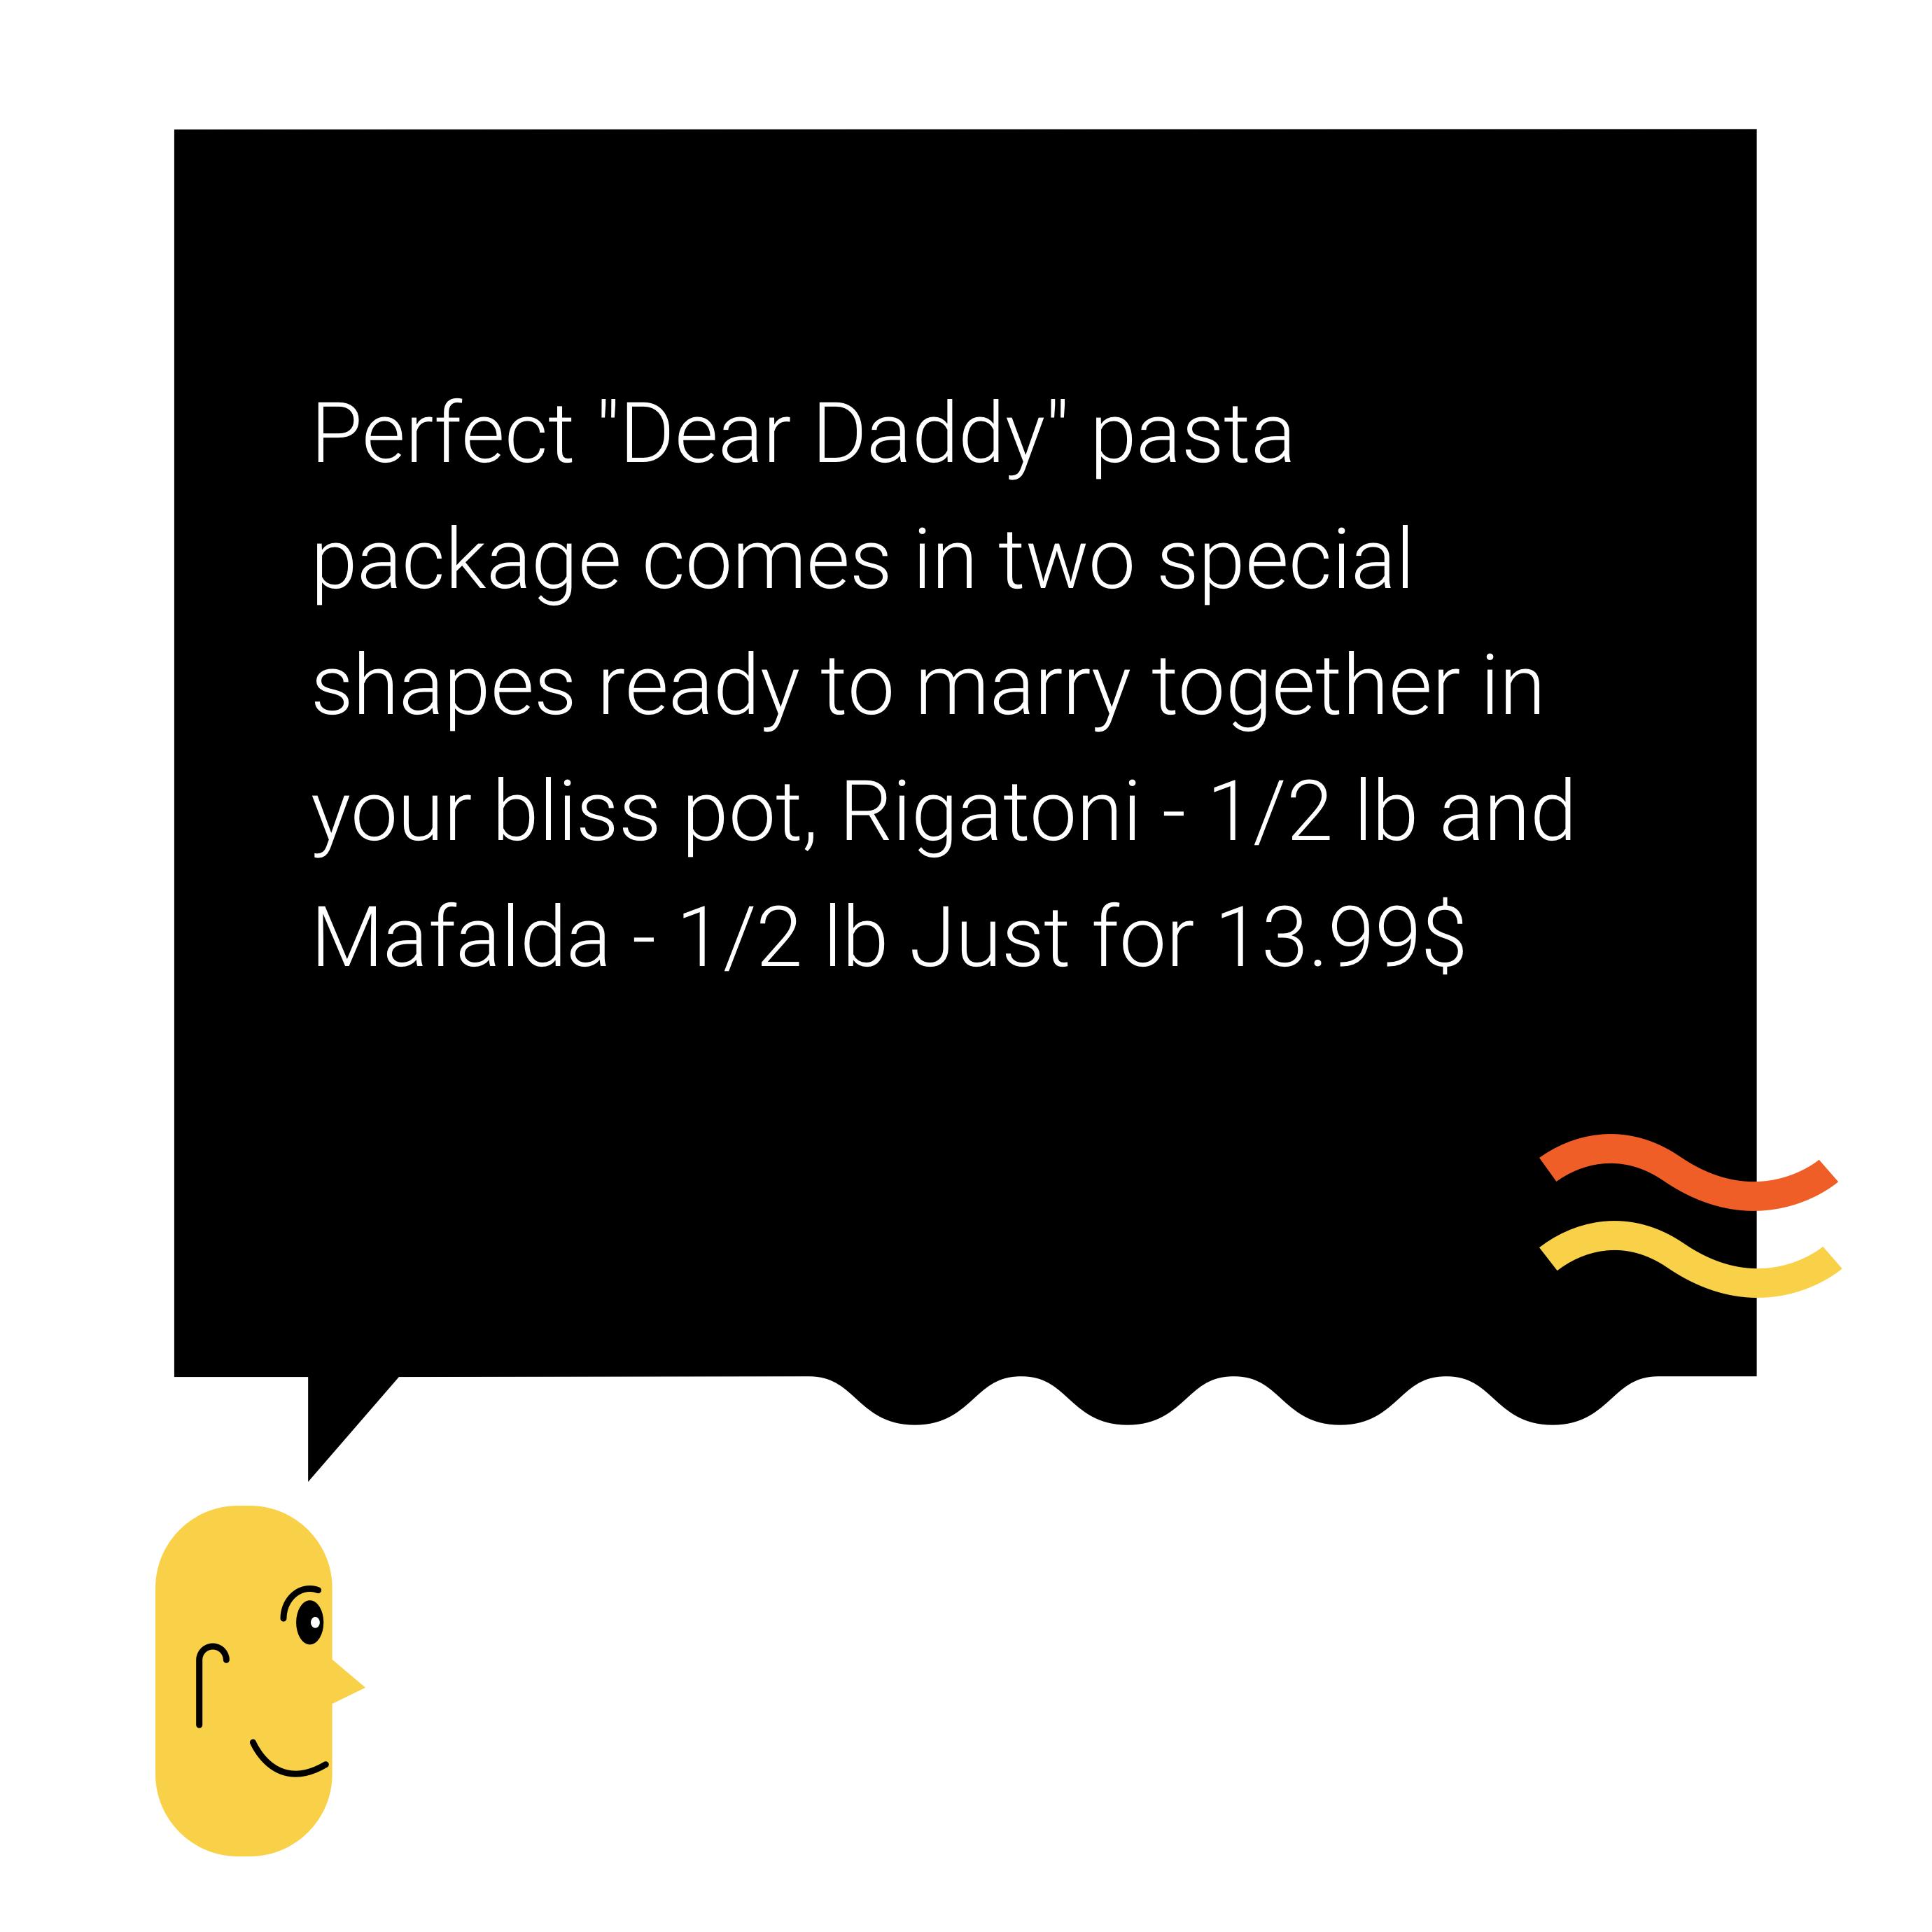 Freshalian Pasta - UX Writing